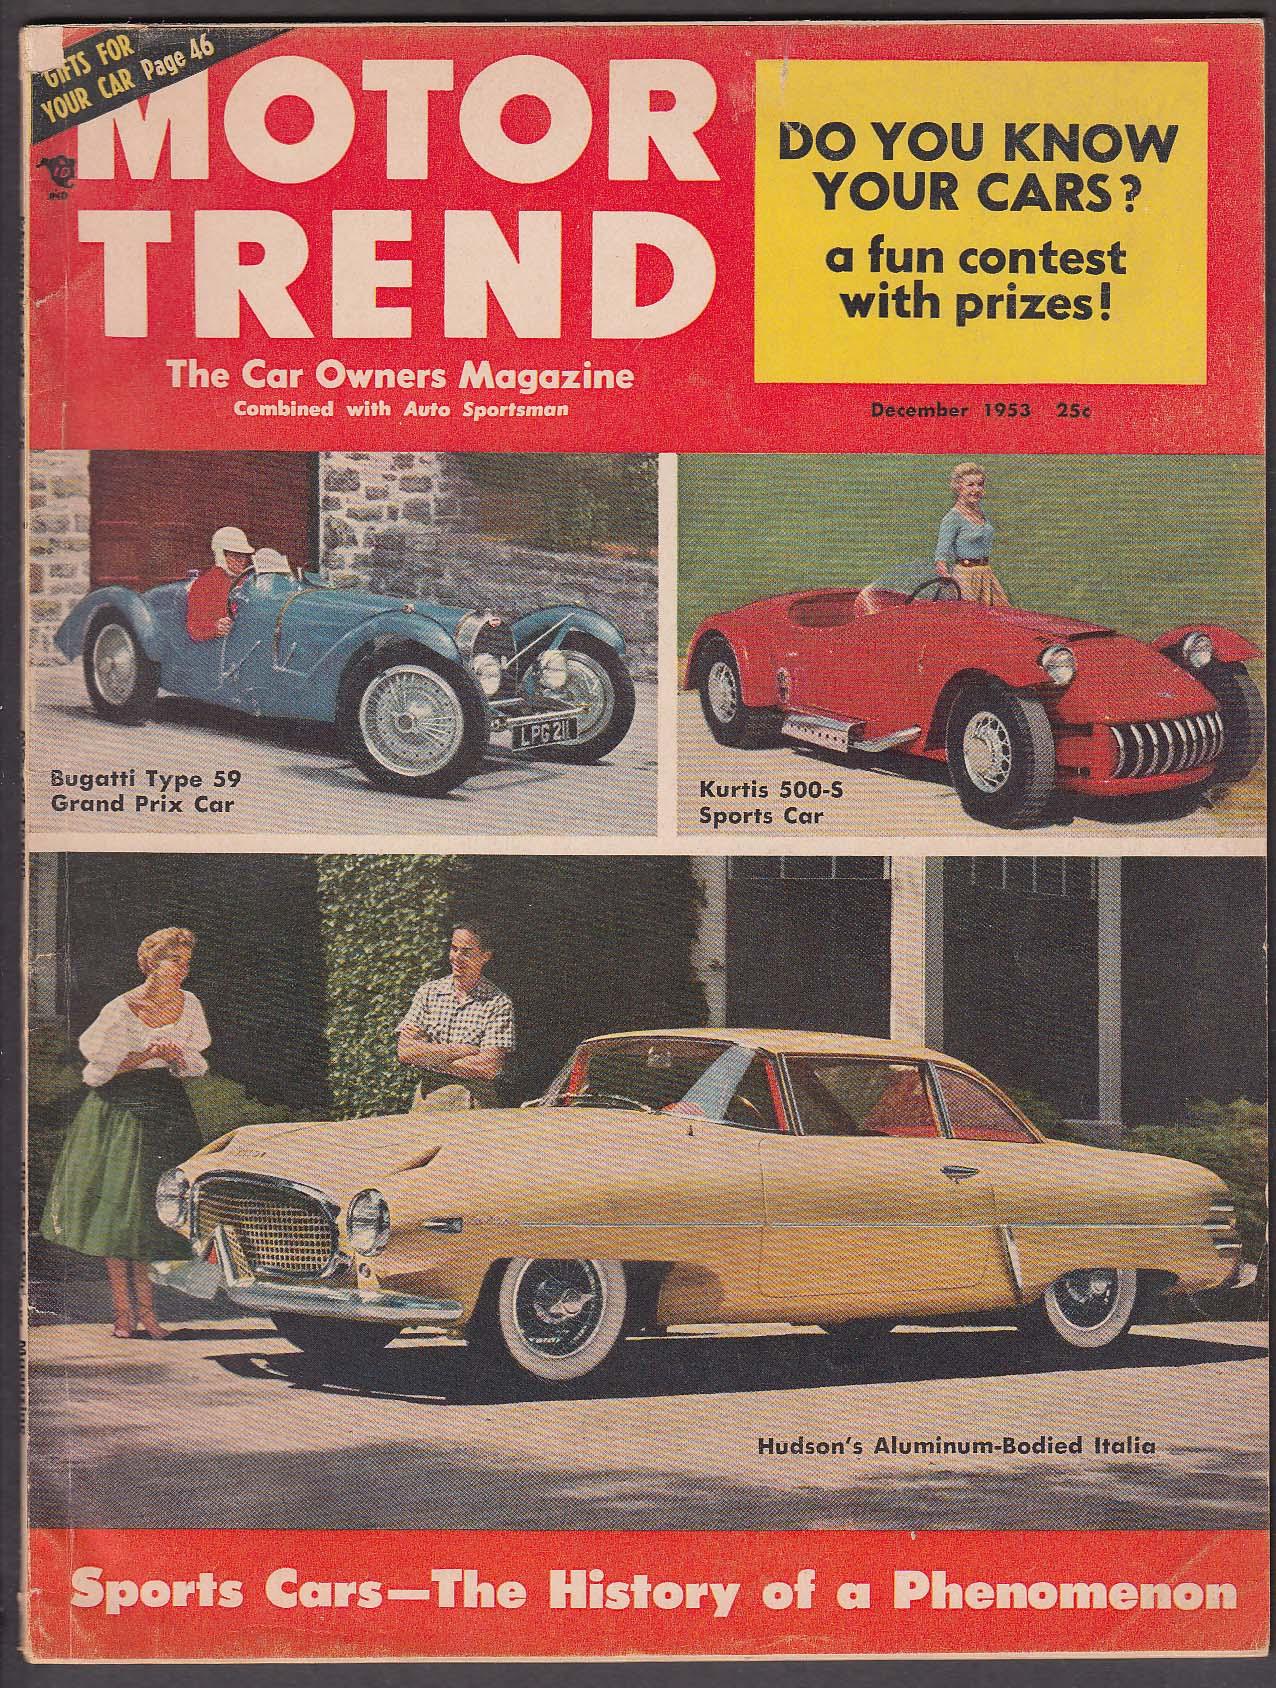 Image for MOTOR TREND 1954 Chrysler DeSoto Hudson Hornet Bugatti Type 59 ++ 12 1953